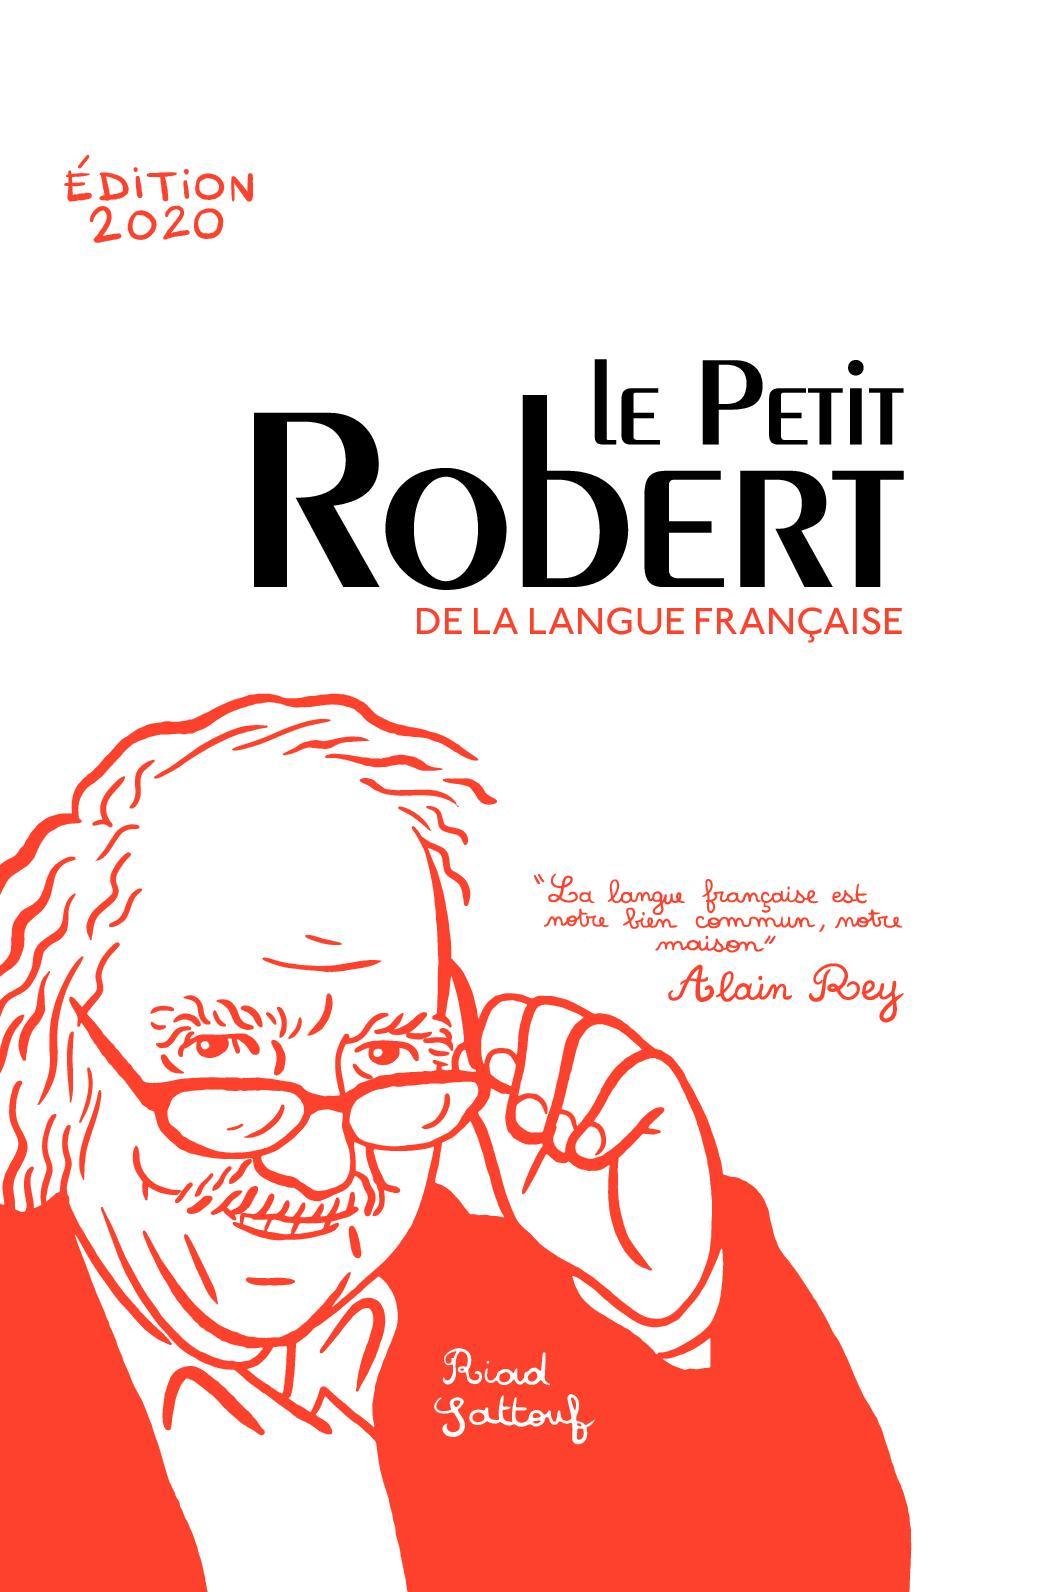 Calaméo Le Petit Robert 2020